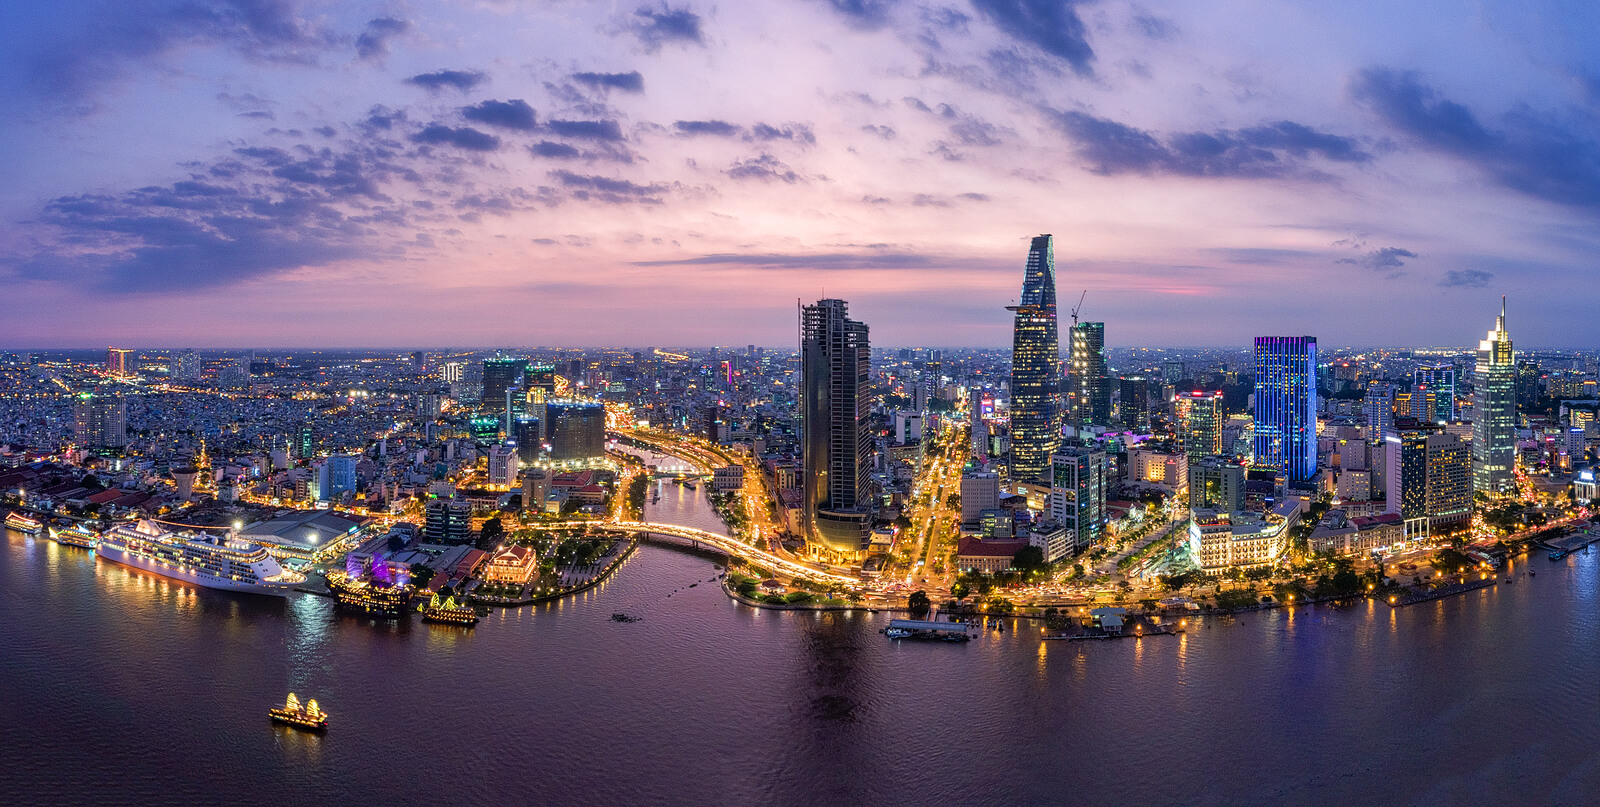 越南外派應該去嗎?越南外派工作甘苦談及投資心得分享 @東南亞投資報告